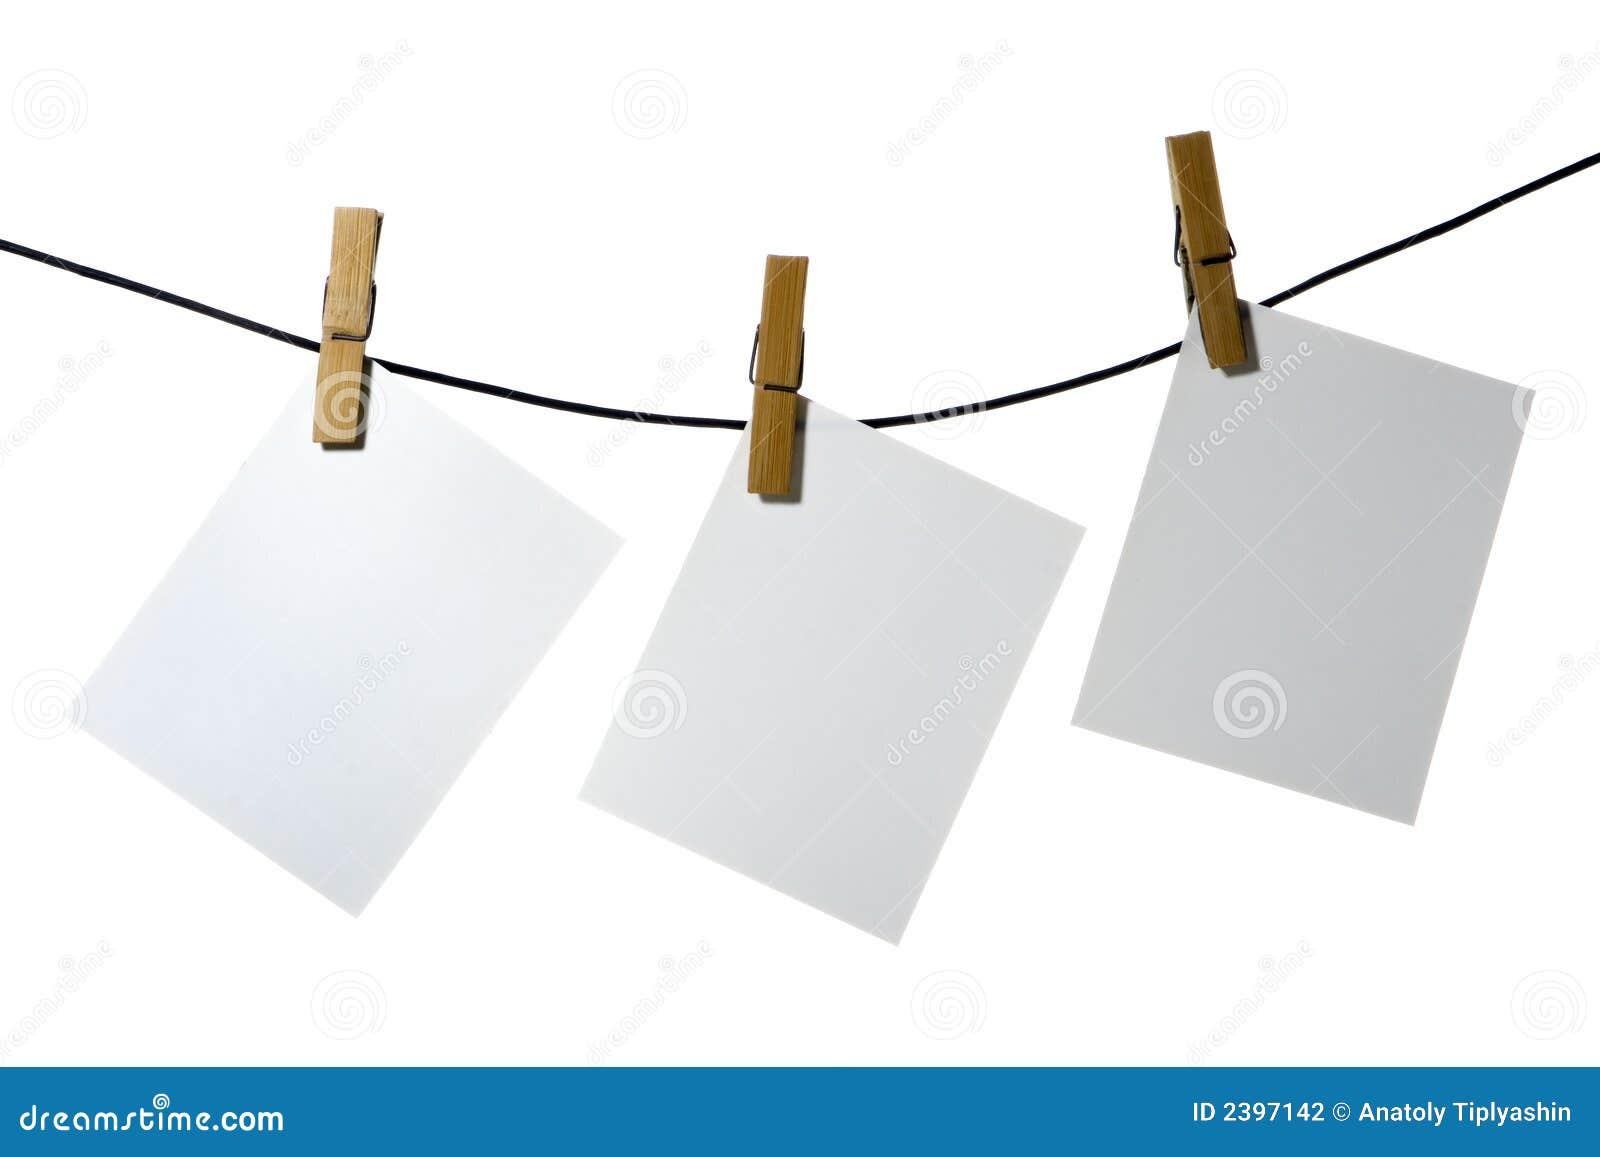 clothes peg clip art - photo #49